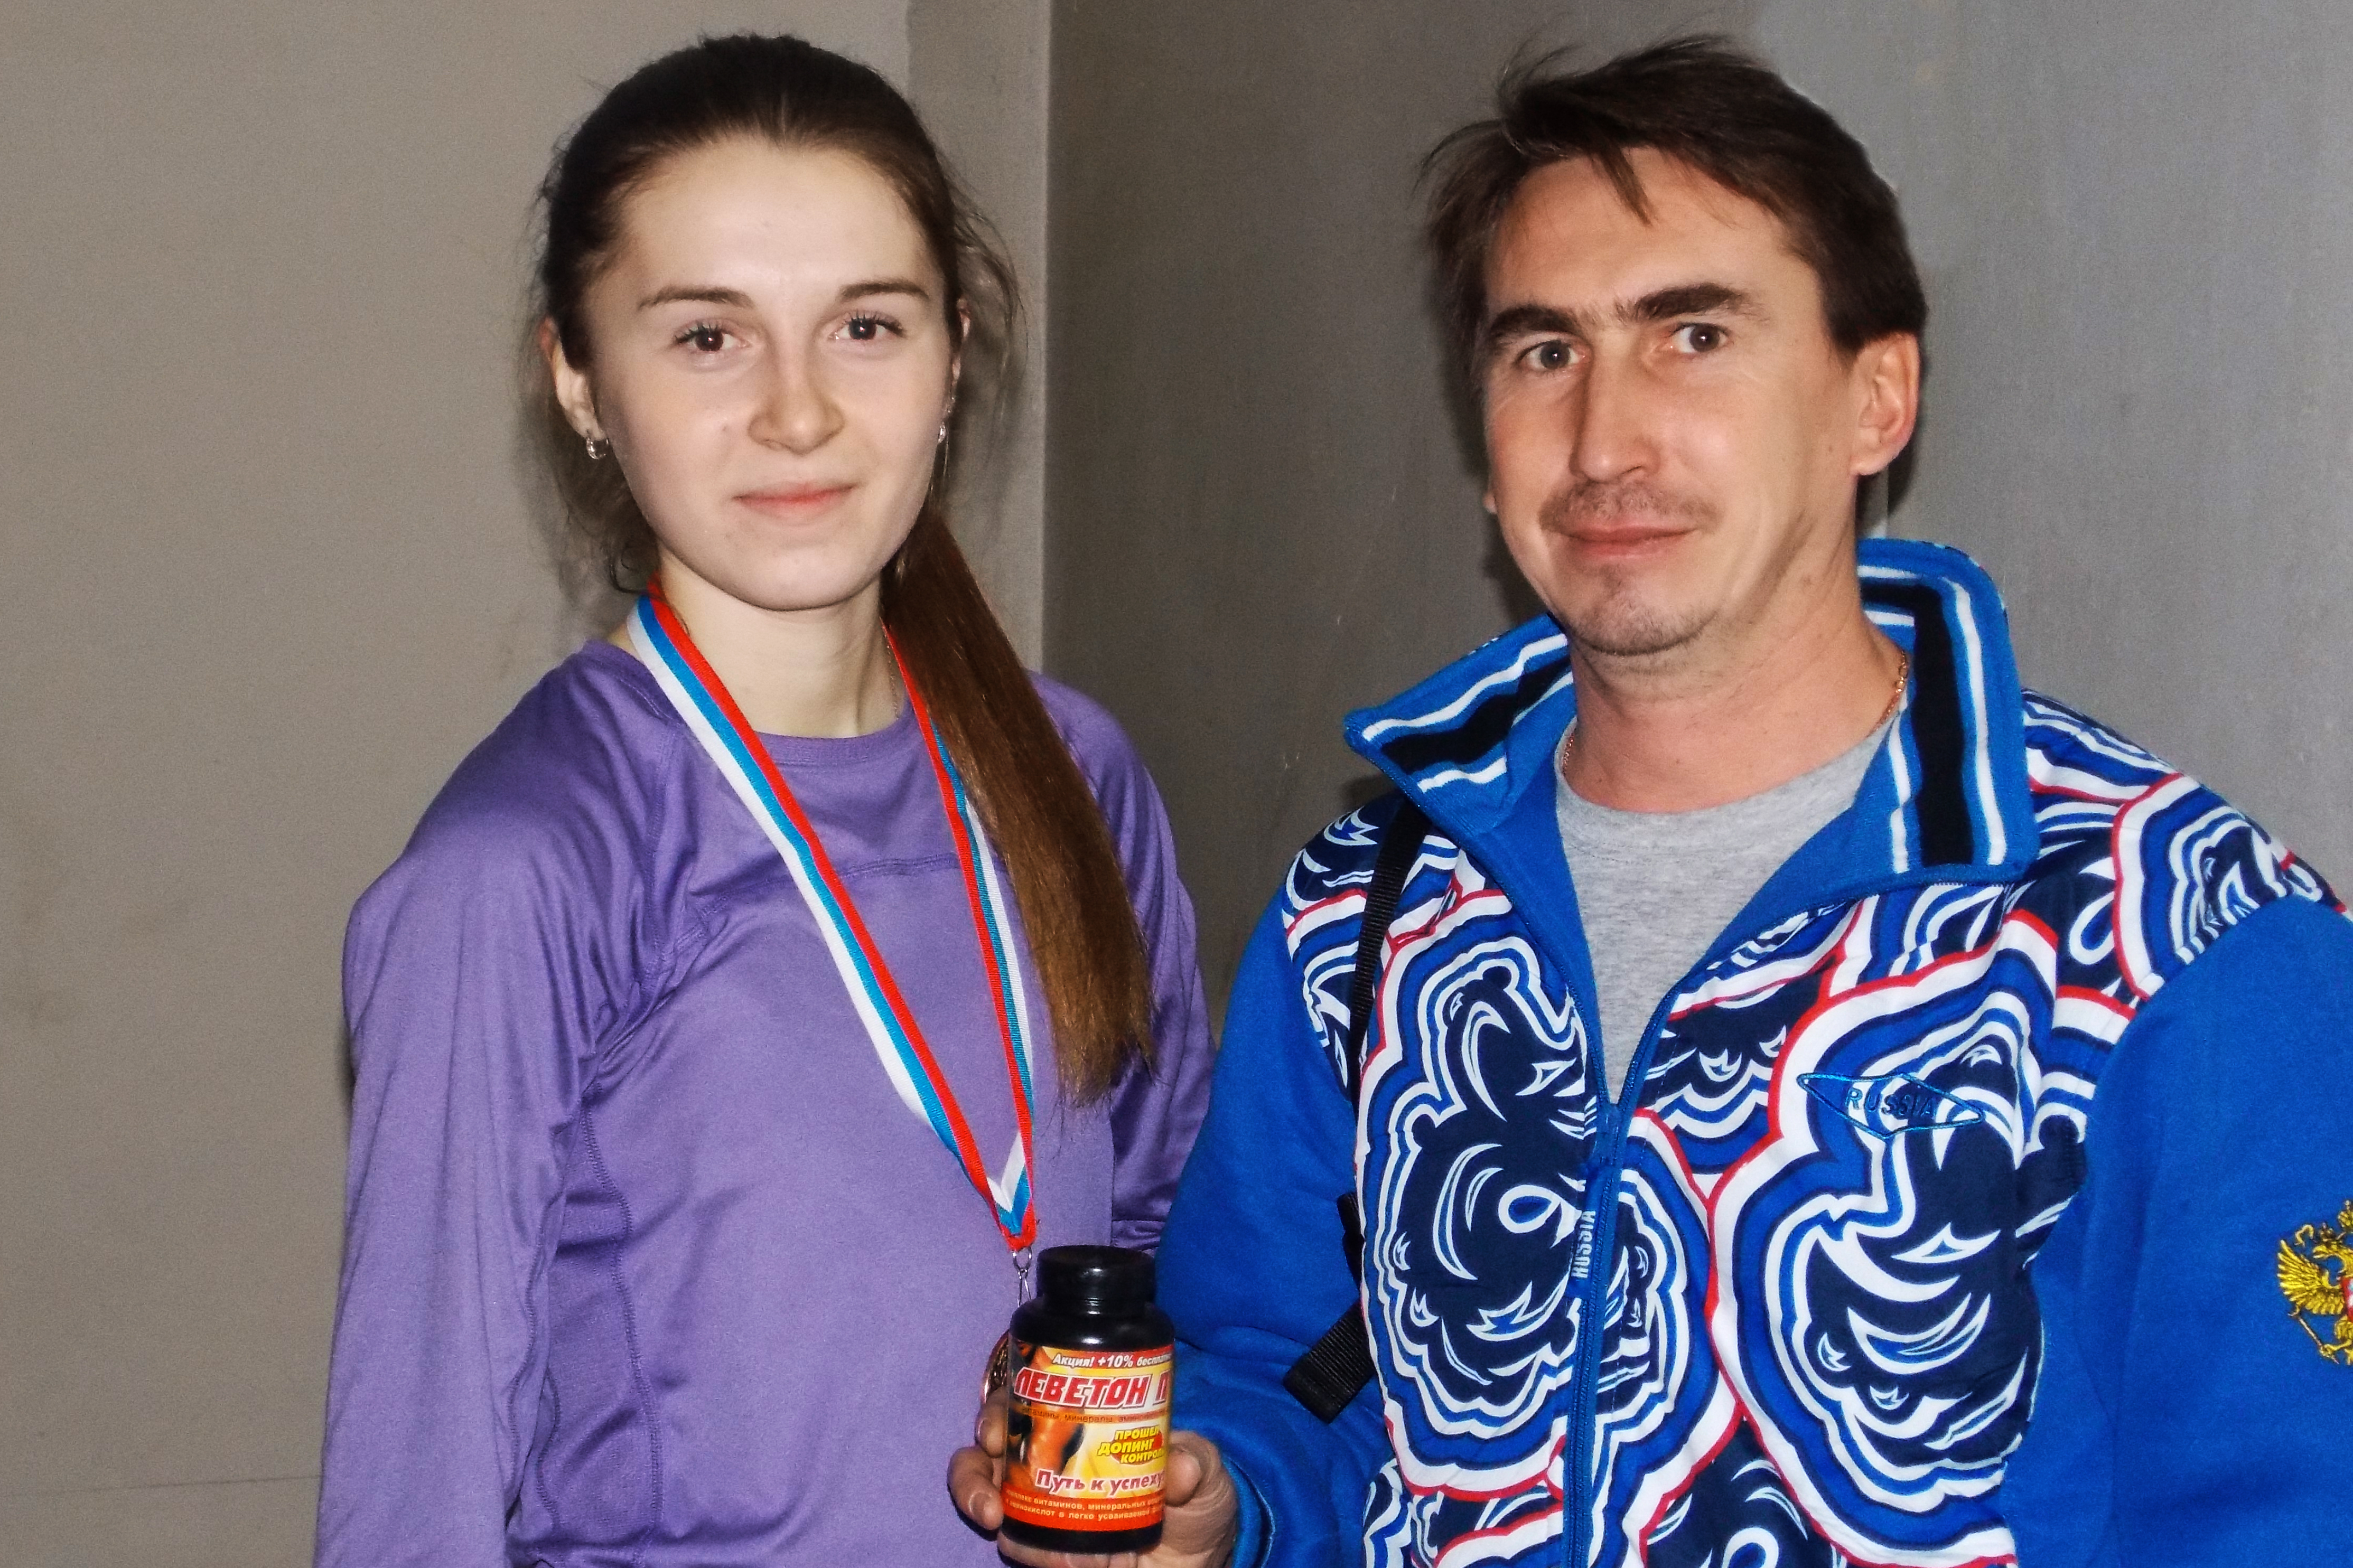 еговкина юля бронзовый призер первенства росси по легкой атлетике и тренер поздиев михаил г ижевск